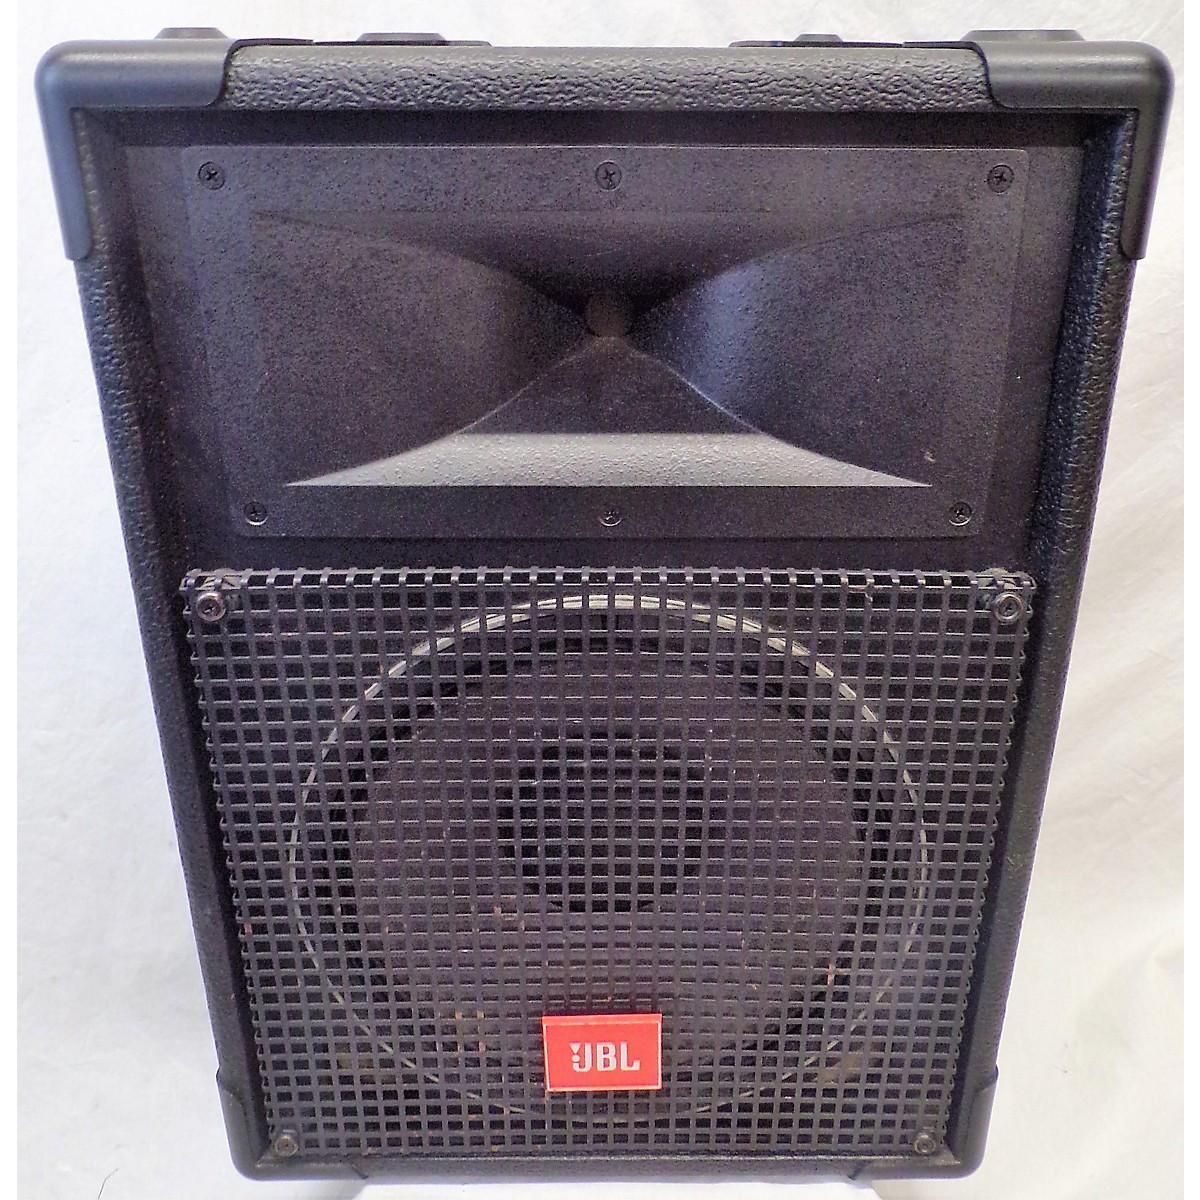 JBL Mr822 Unpowered Speaker